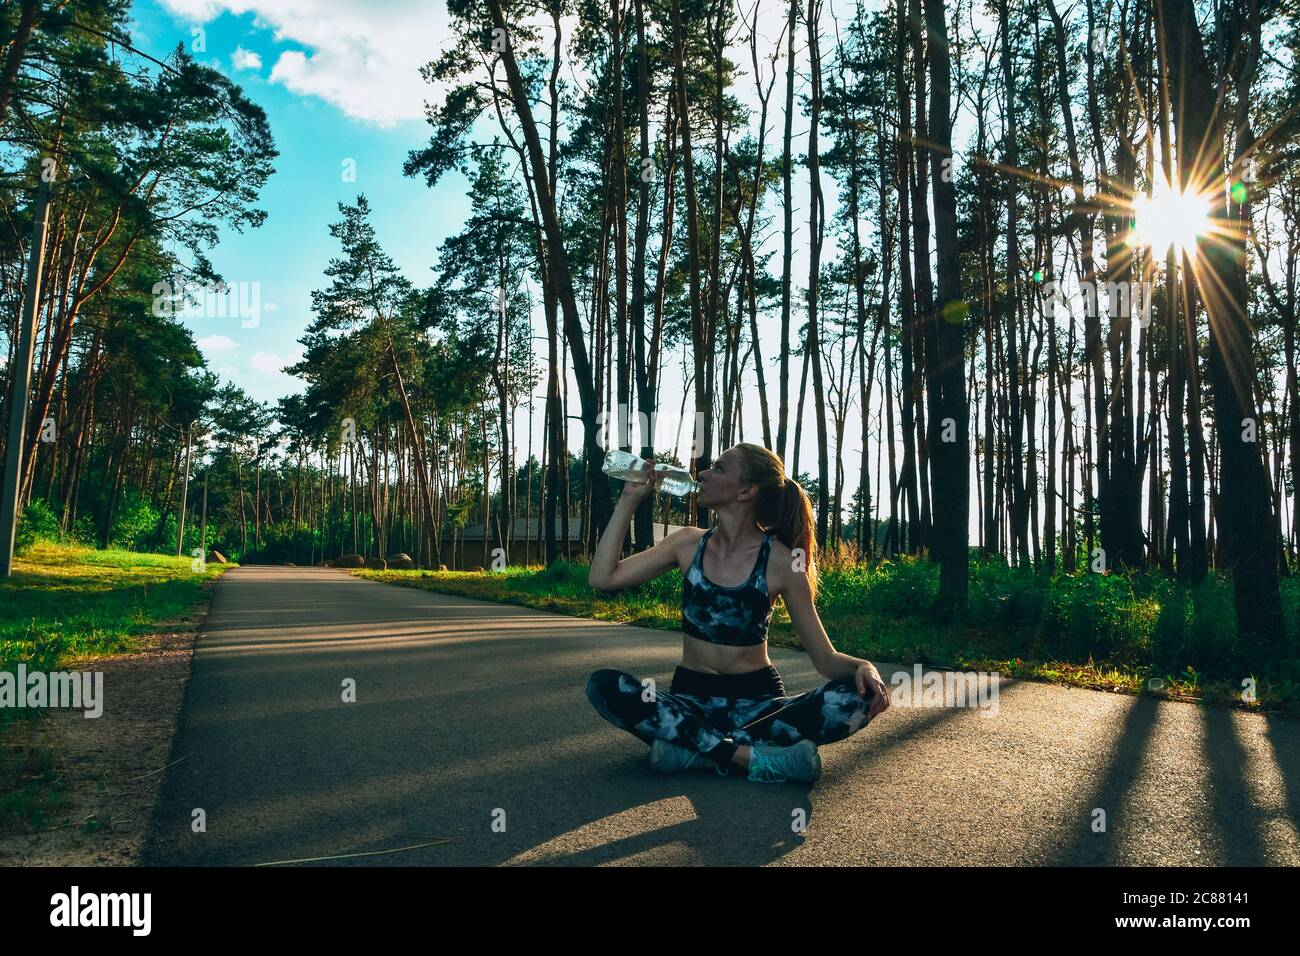 Une jeune femme boit de l'eau après avoir fait du jogging à l'extérieur en forêt. Une fille en forme saine assise dans la posture du lotus et de l'eau potable Banque D'Images